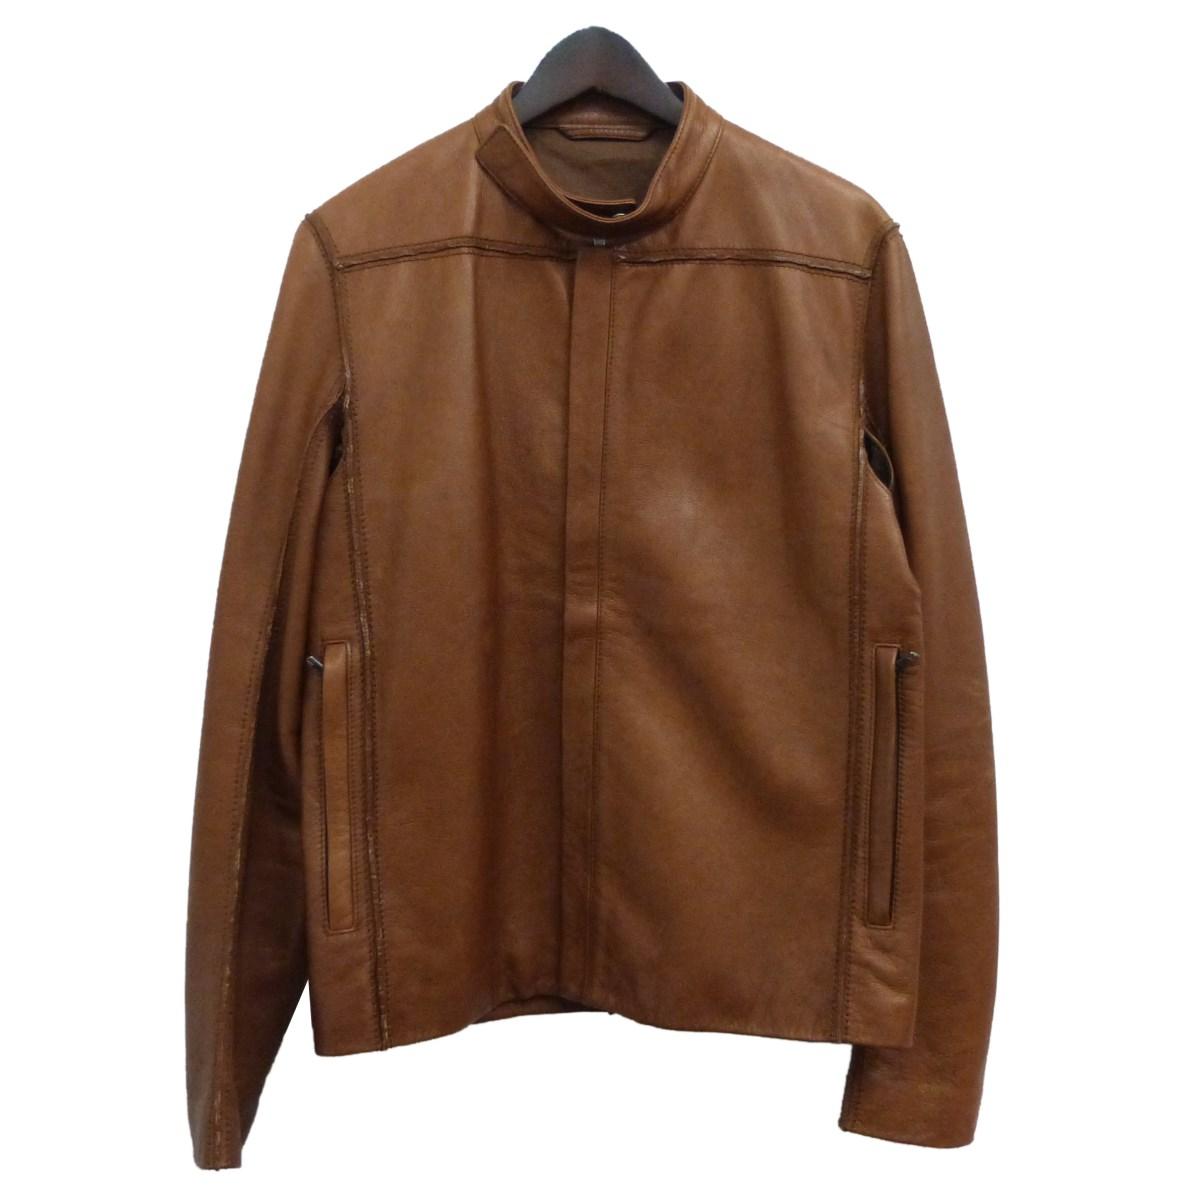 【中古】Martin Margiela 10 11SSレザージャケット ブラウン サイズ:48 【081219】(マルタンマルジェラ10)